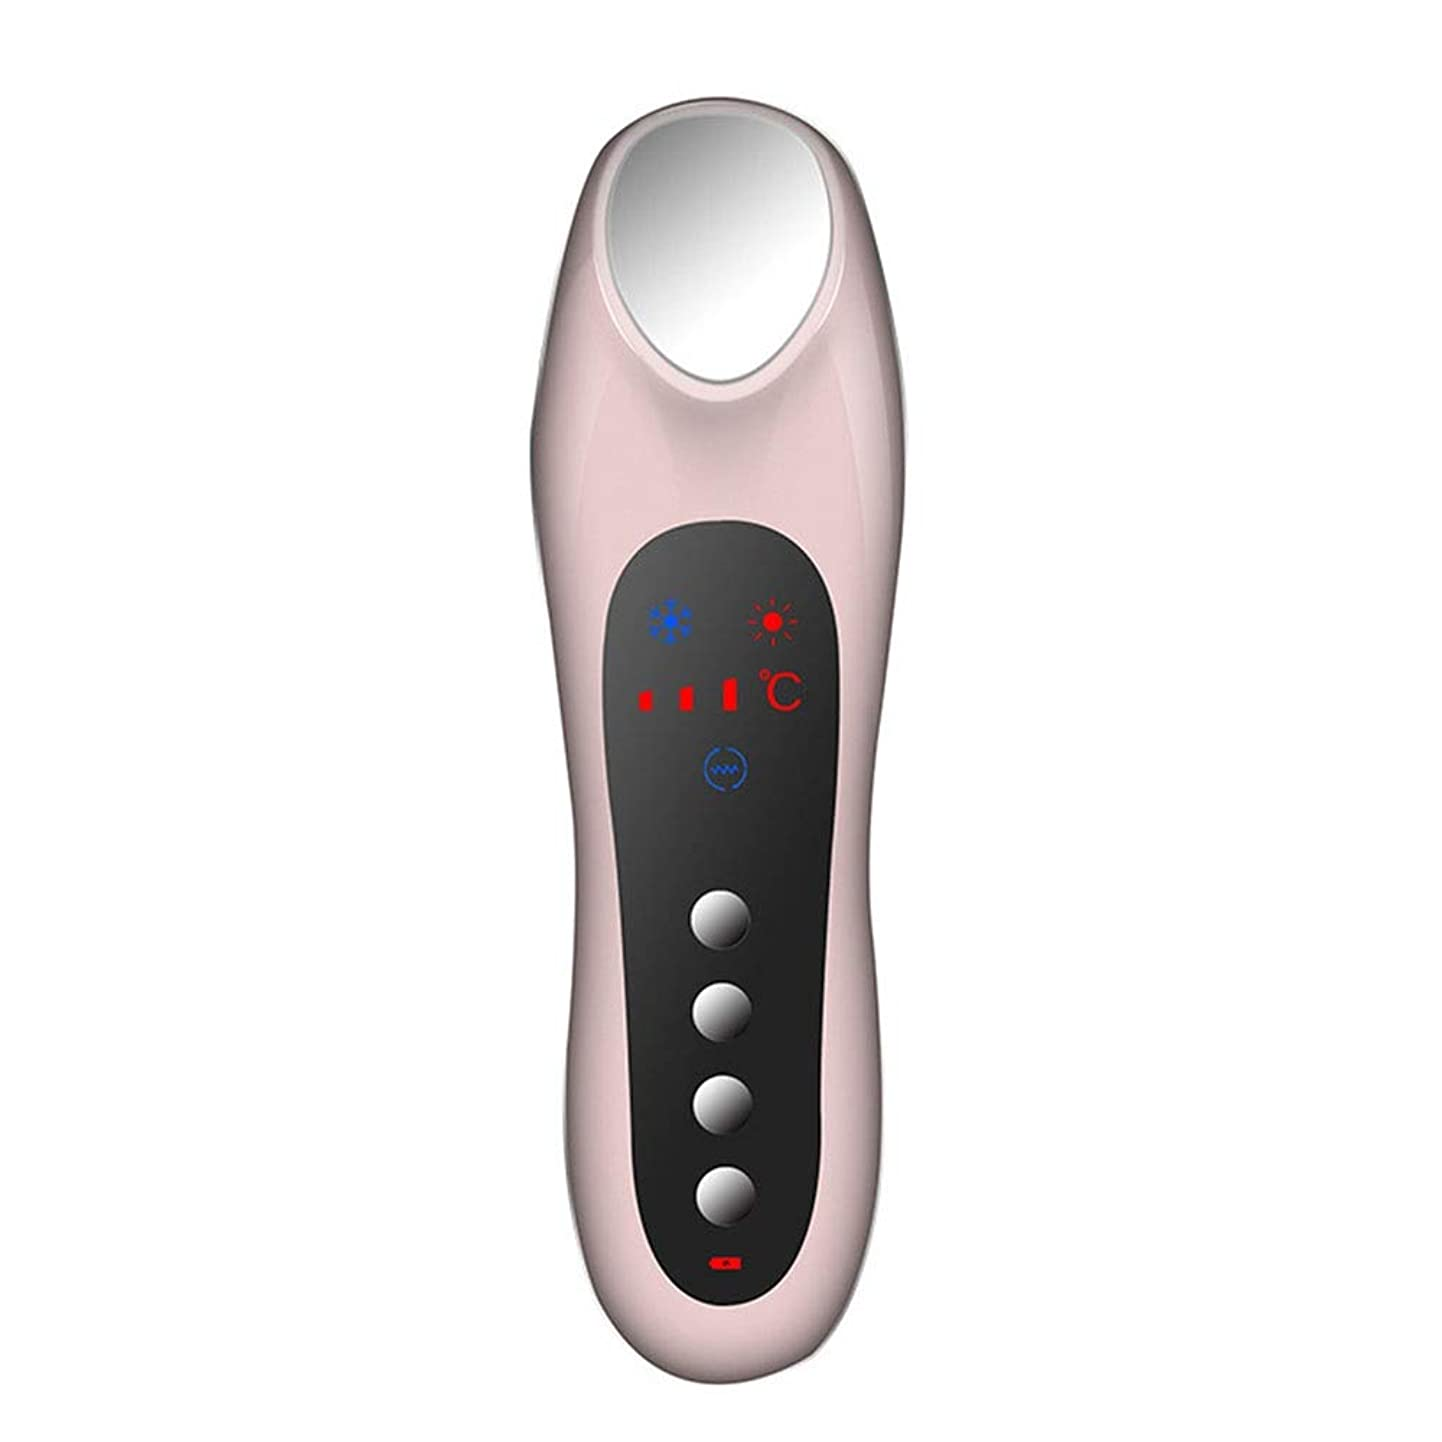 リースクローゼット歪めるスキンケア 家庭用USB充電冷温暖かいイオン深層導入デュアルモードホット&コールドスイッチング超音波振動マッサージマルチ運動エネルギー美容機器 (色 : Pink)